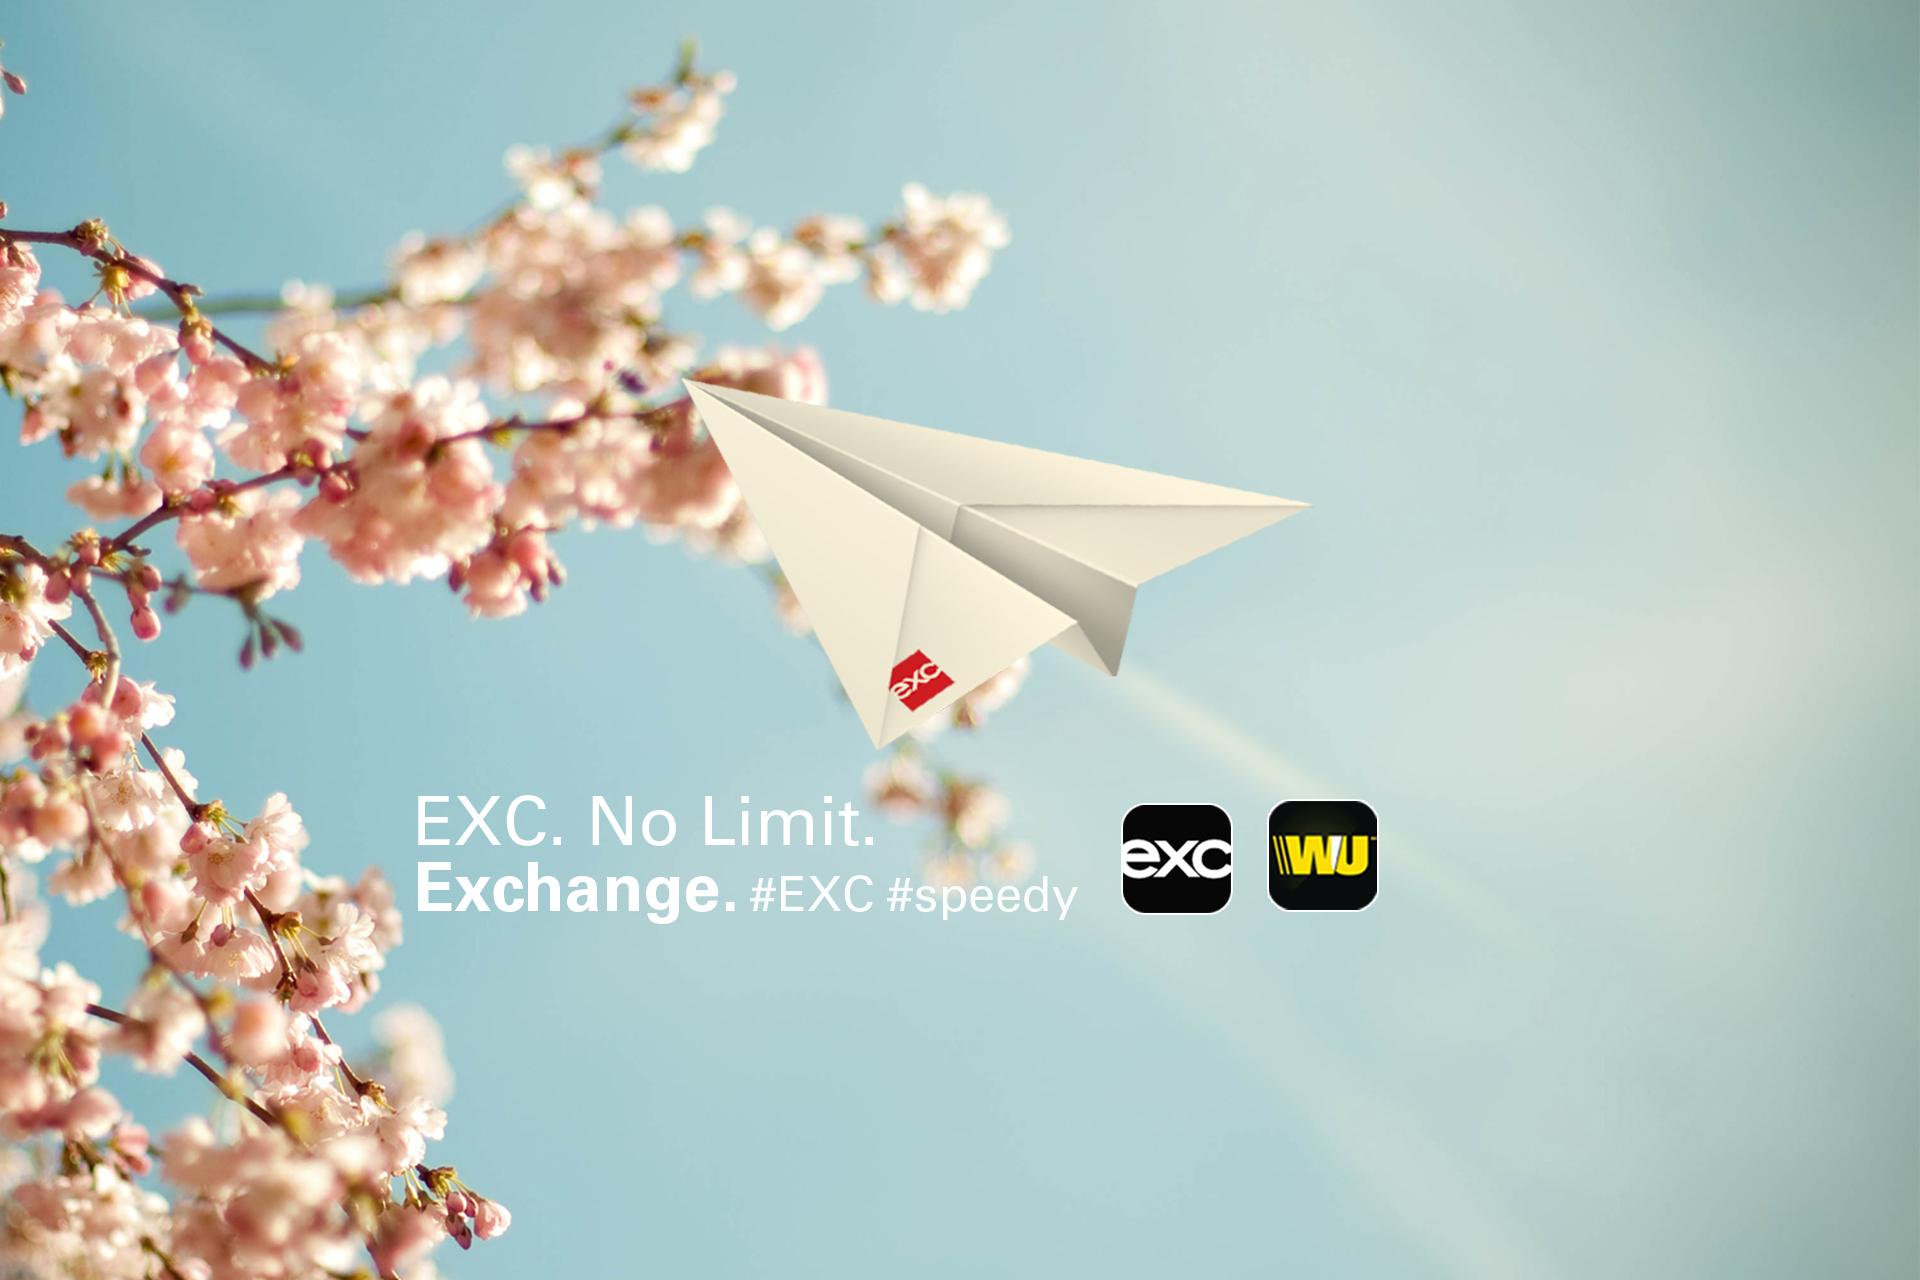 No limit. #Speedy #PaperPlane